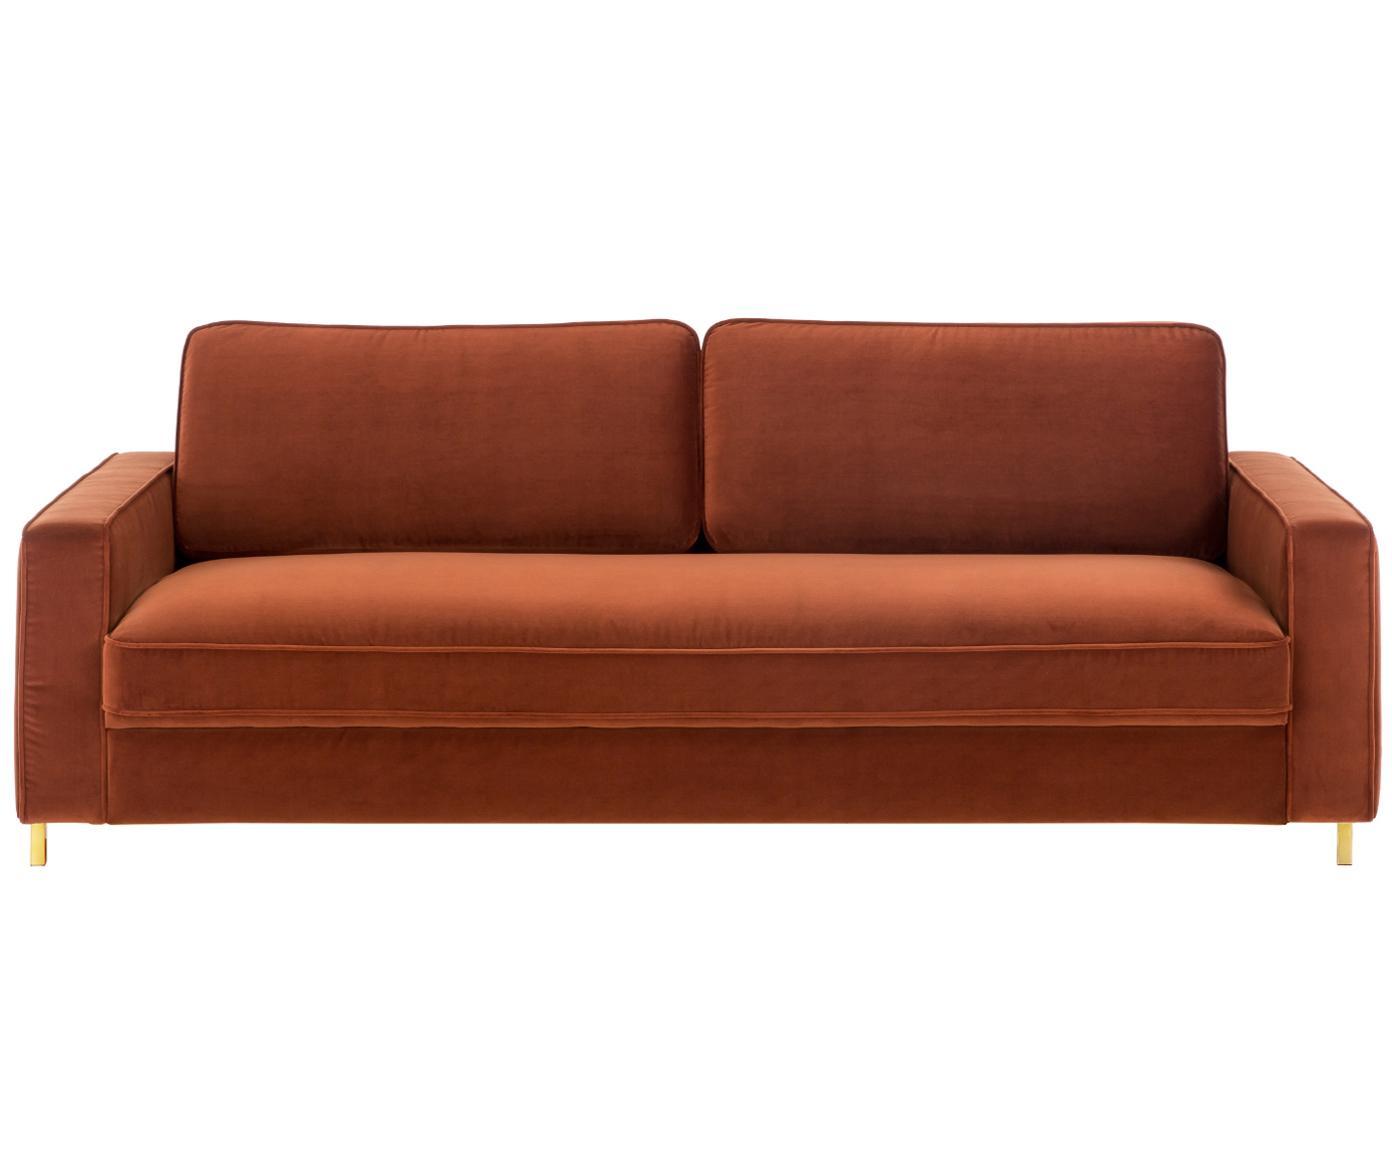 Sofa z aksamitu Chelsea (3-osobowa), Tapicerka: aksamit (wysokiej jakości, Stelaż: lite drewno świerkowe, Nogi: metal malowany proszkowo, Rudy, S 228 x G 100 cm